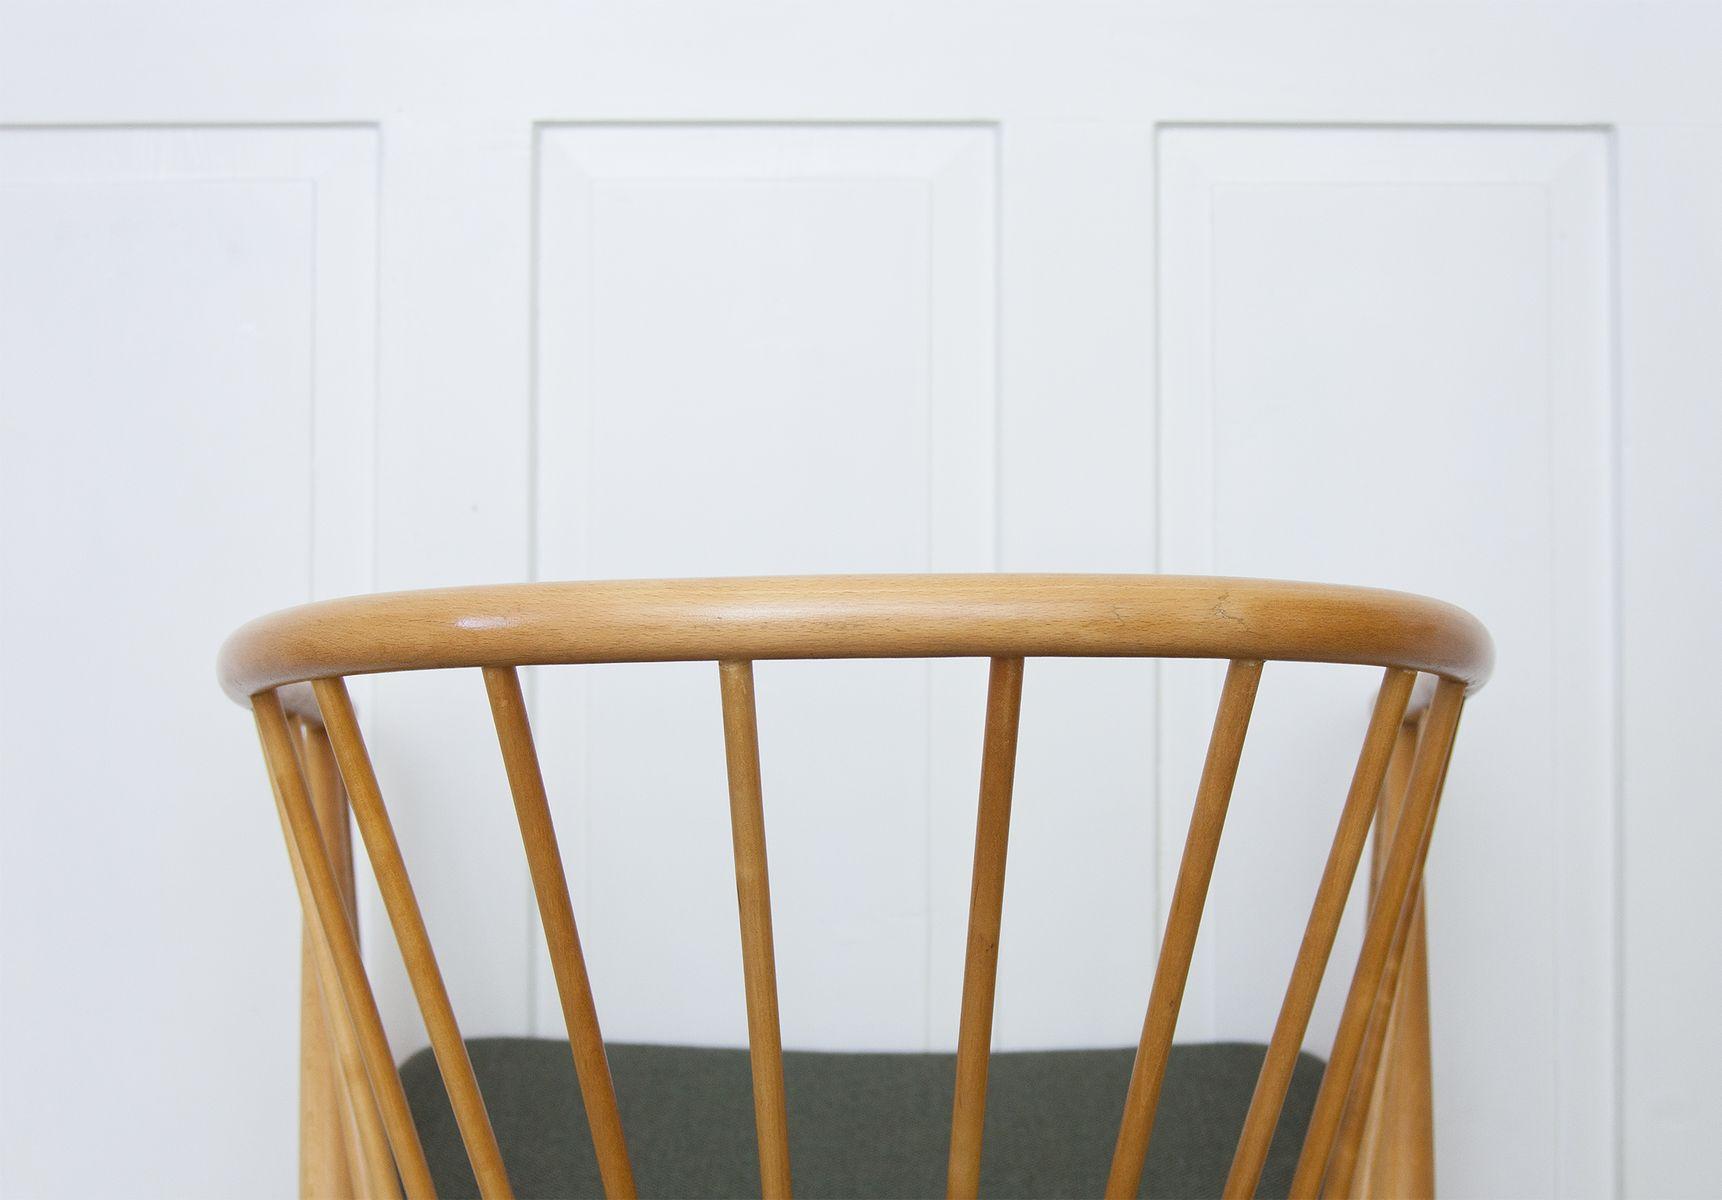 Sun Feather Spindle Chairs by Sonna Rosén for Nässjö Stolfabrik